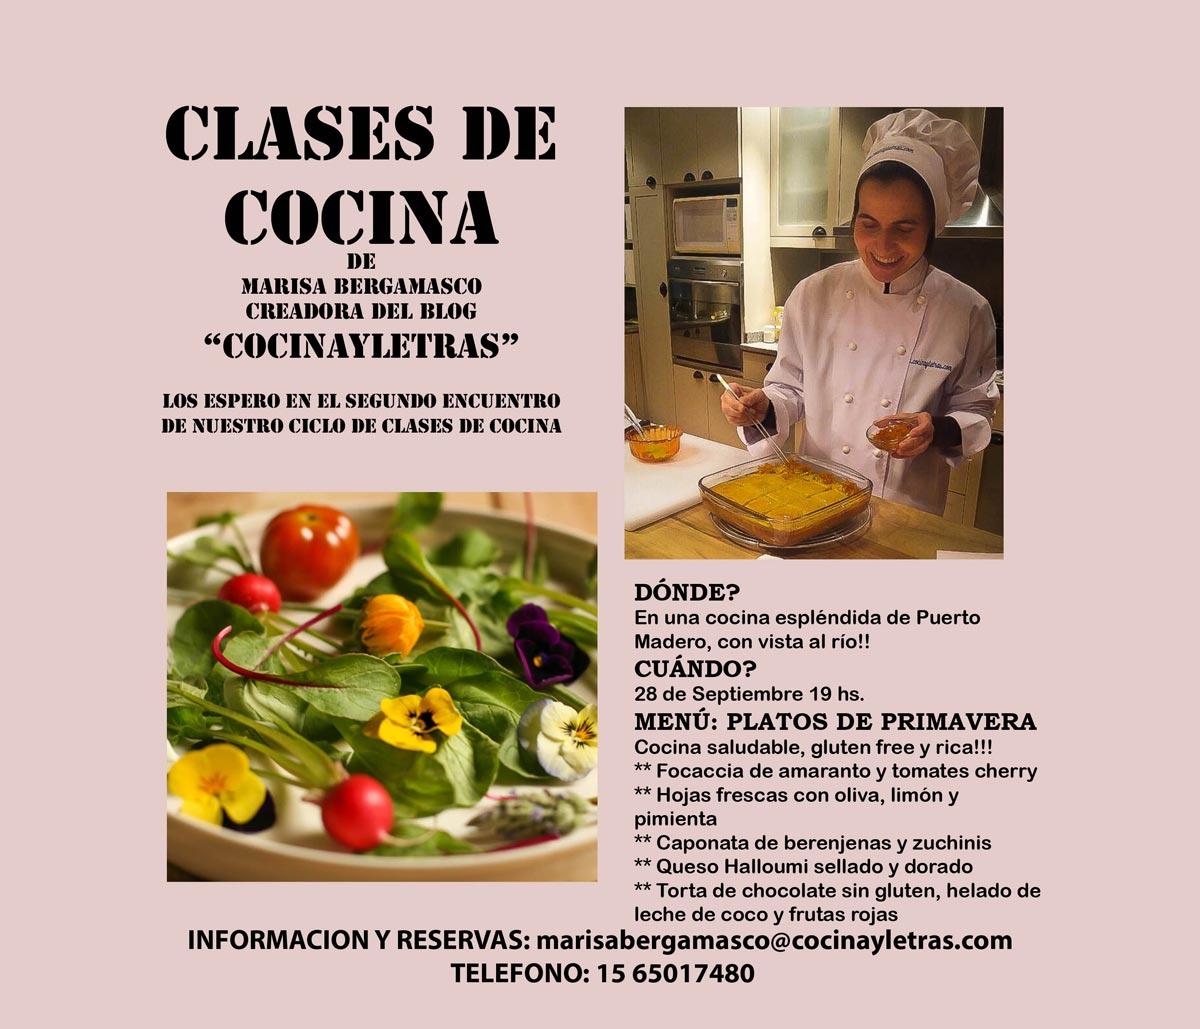 Clases De Cocina   Ciclo De Clases De Cocina Clase Del 28 De Septiembre